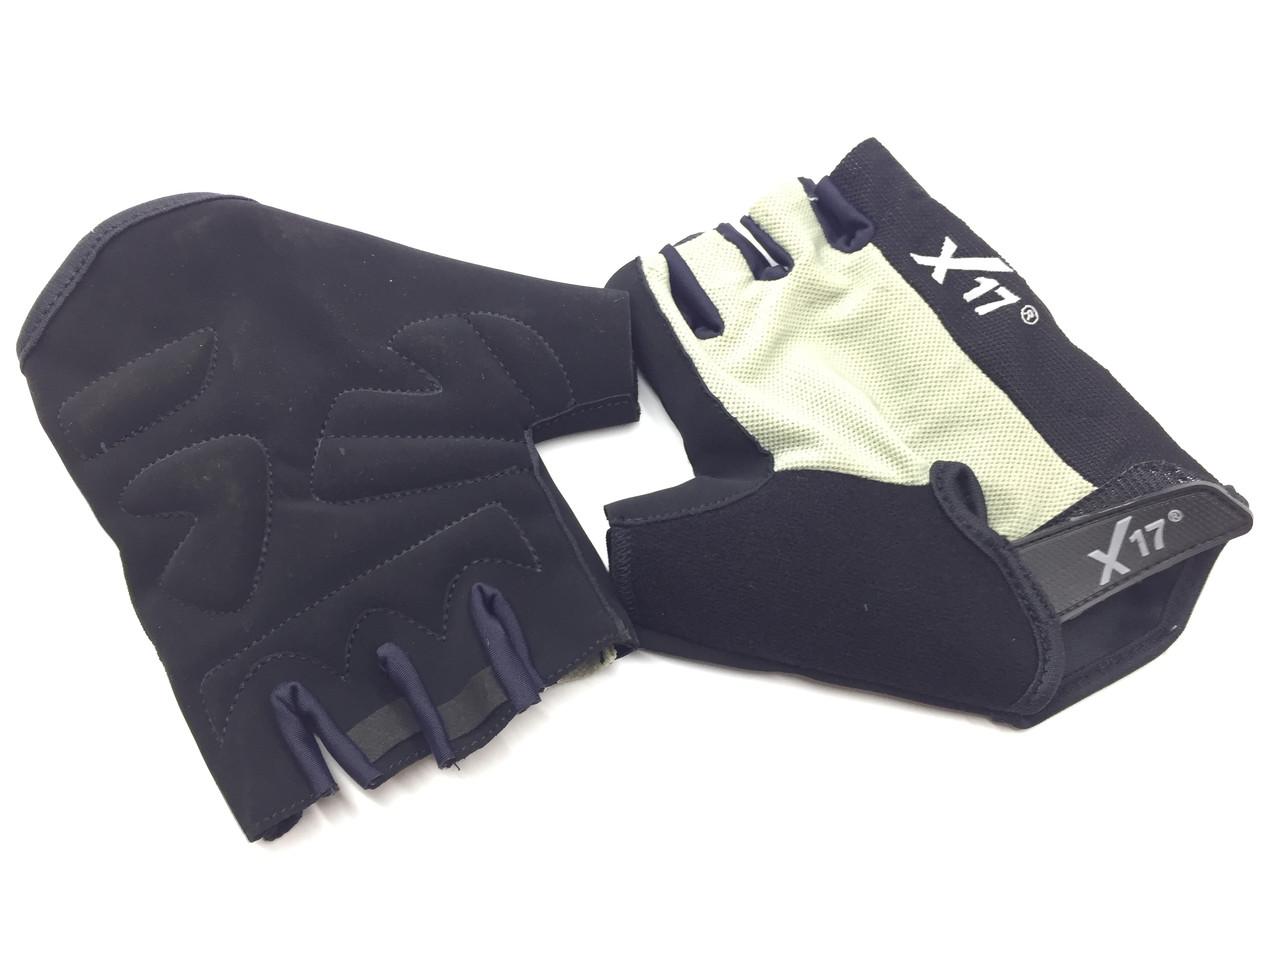 Перчатки велосипедные X17 XGL-527GY серо-черные, XS